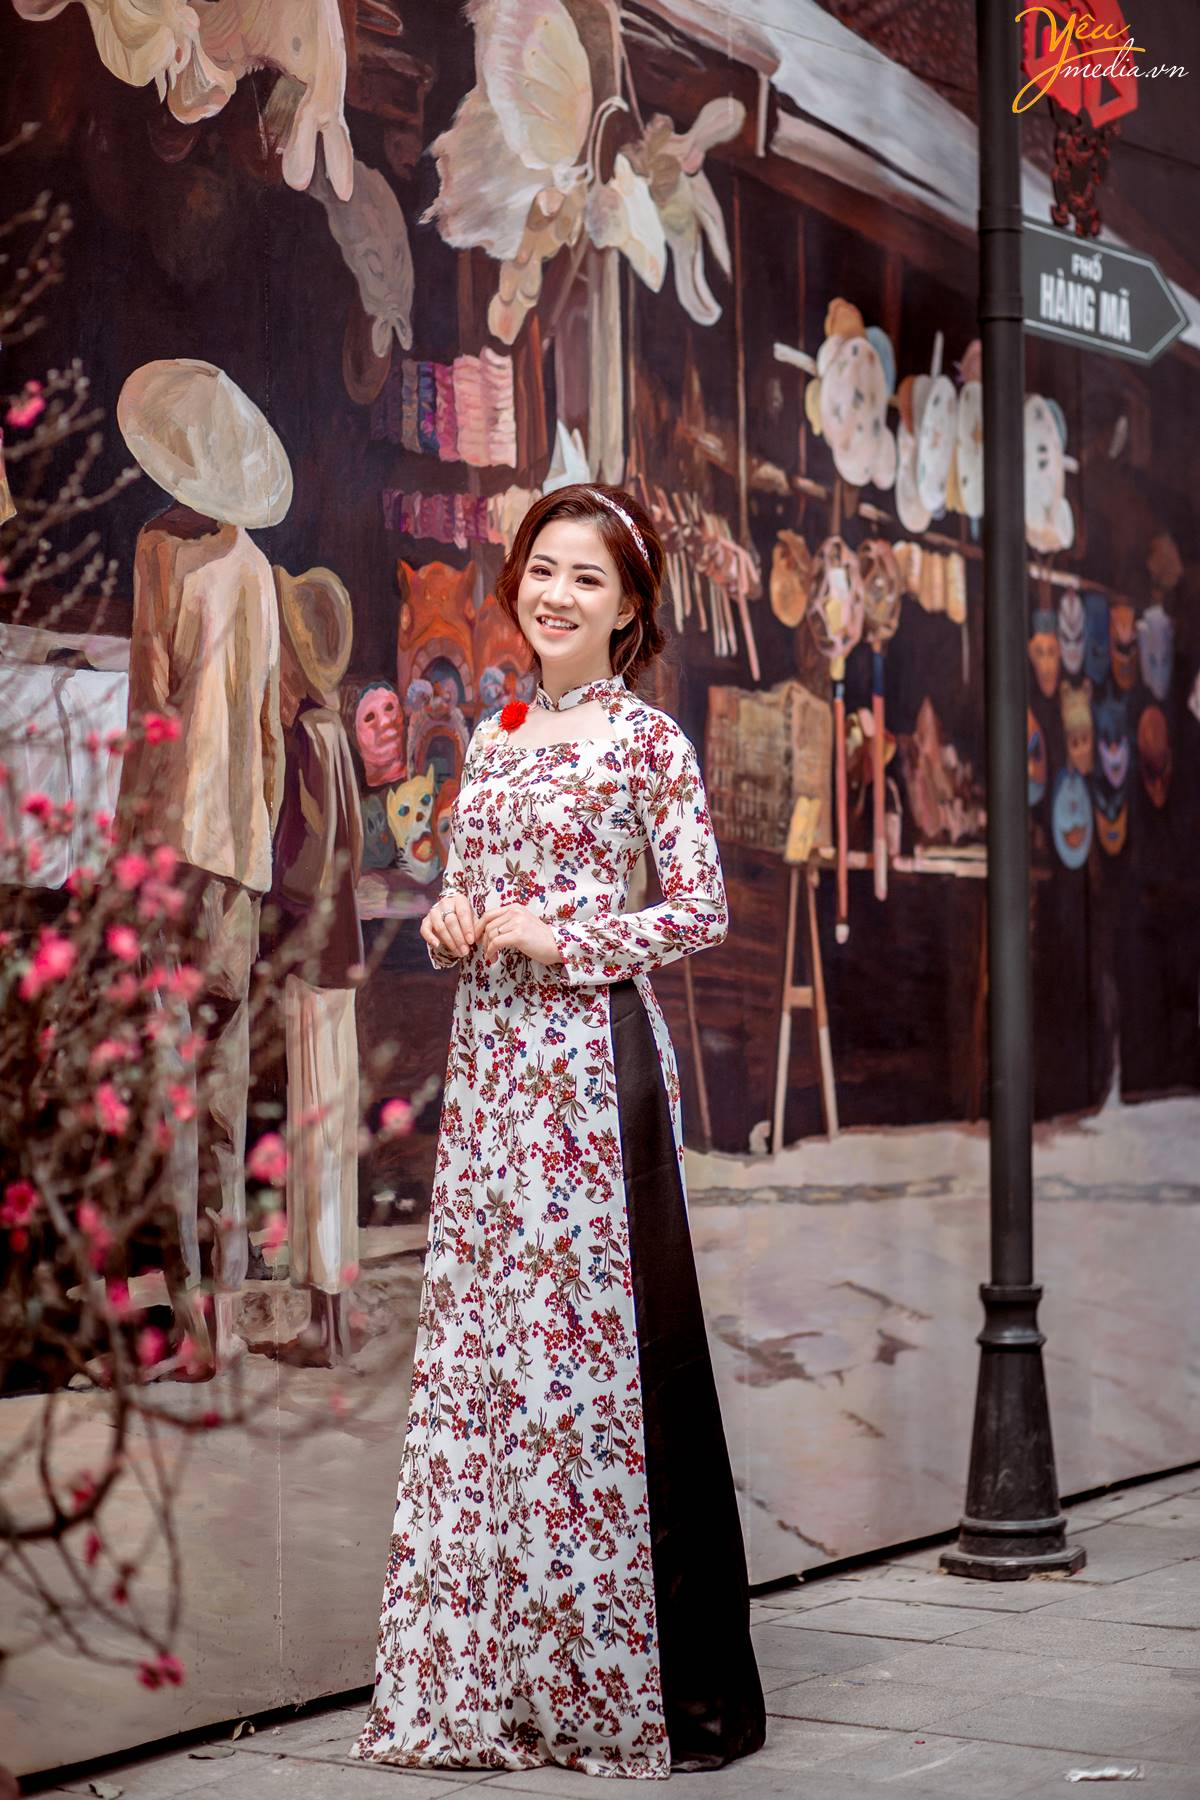 Kết quả hình ảnh cho vườn ảnh tết ở Phố bích họa Phùng Hưng